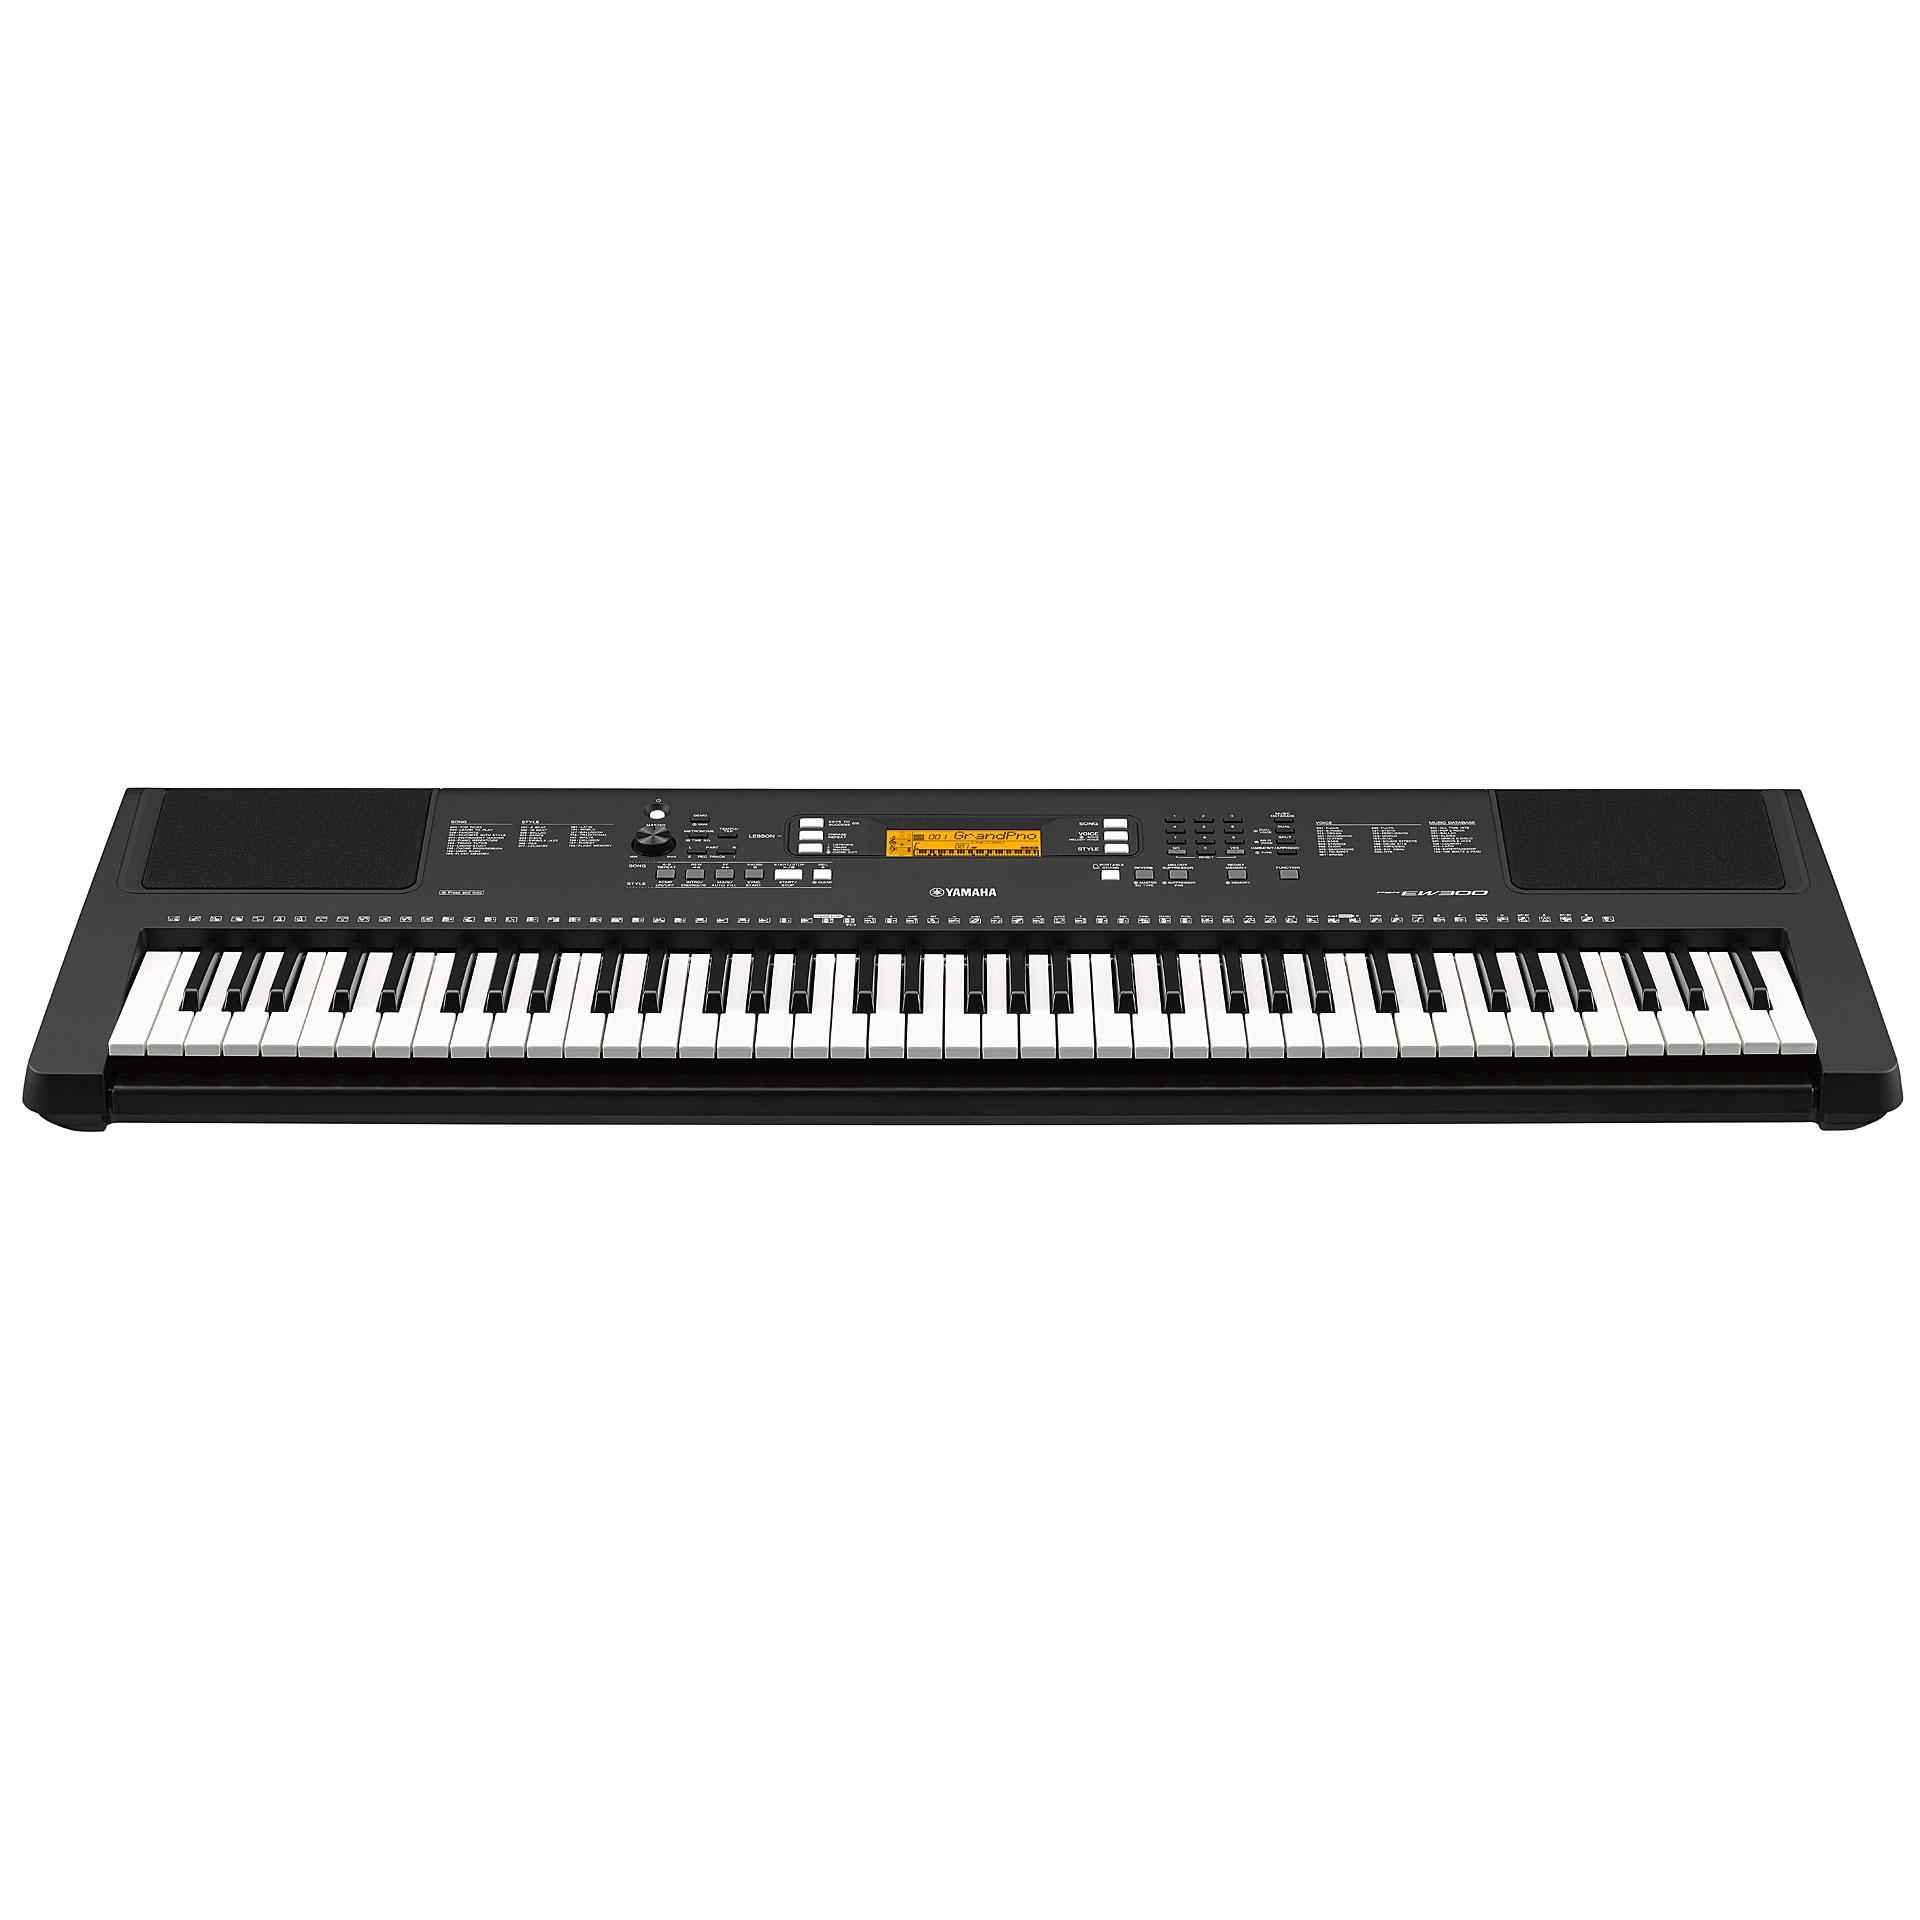 yamaha psr ew300 keyboard